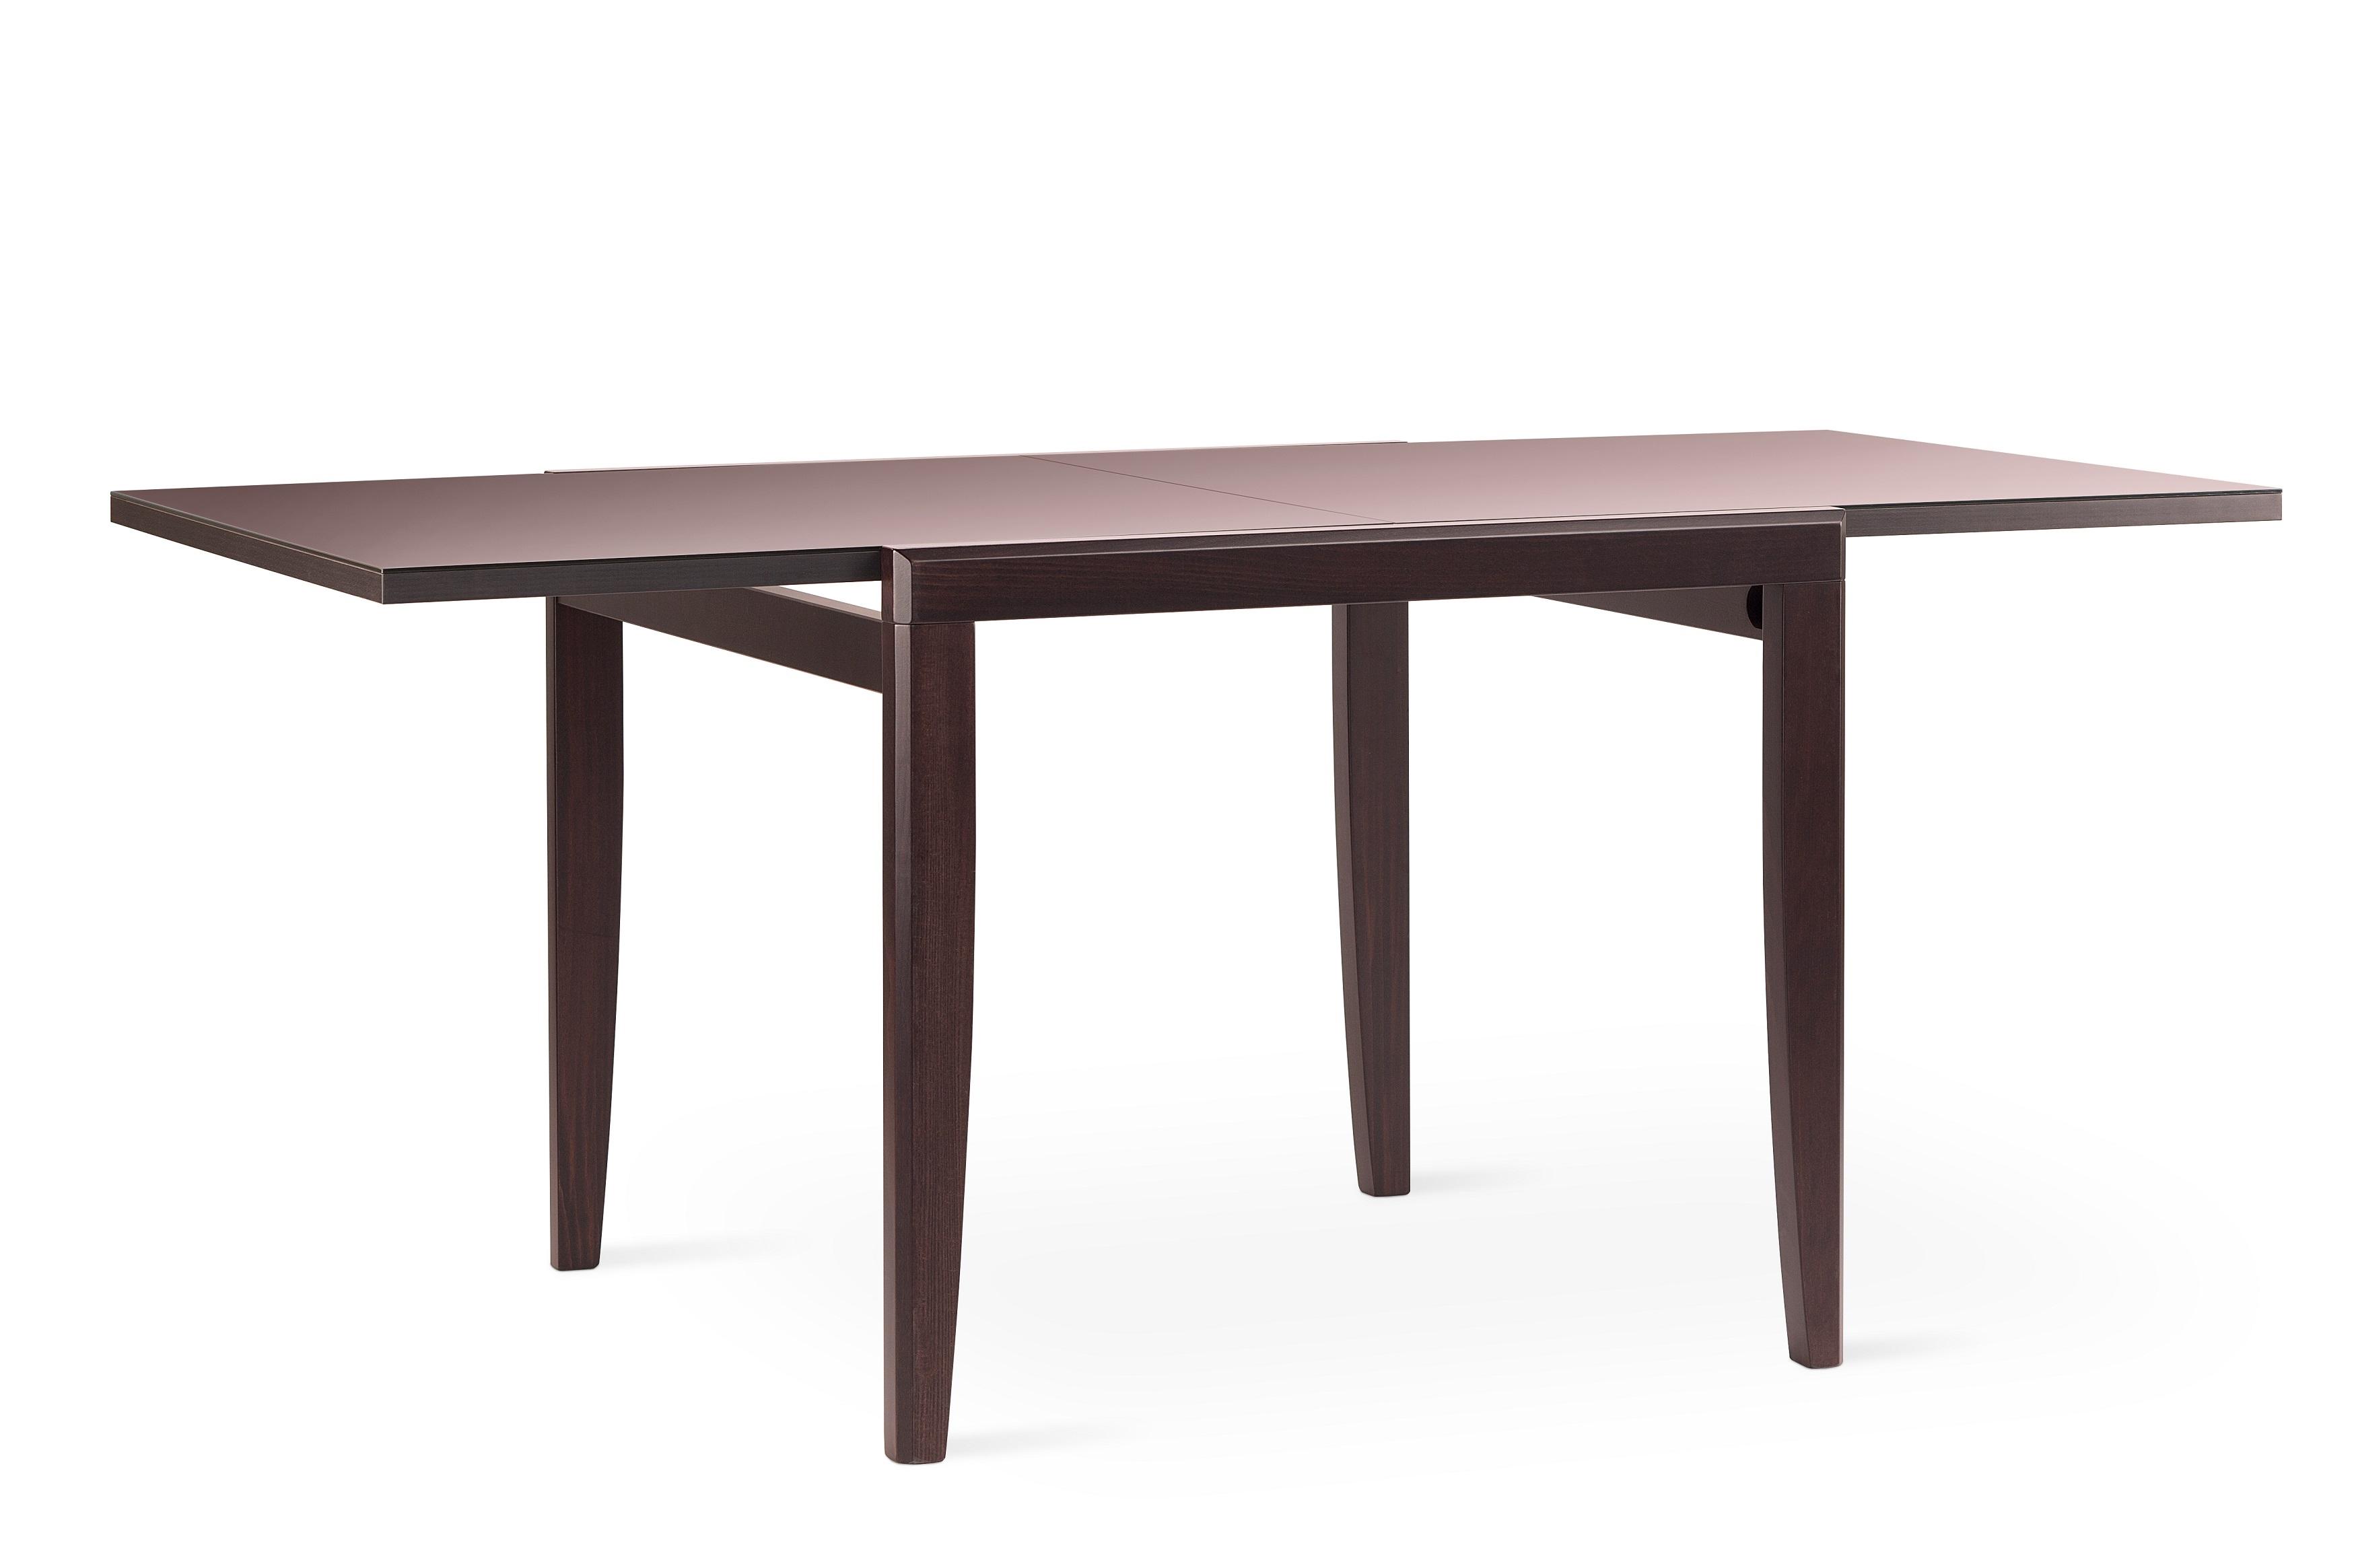 Tavolo quadrato allungabile legno lady p scontato del 50 tavoli a prezzi scontati - Tavolo quadrato legno ...